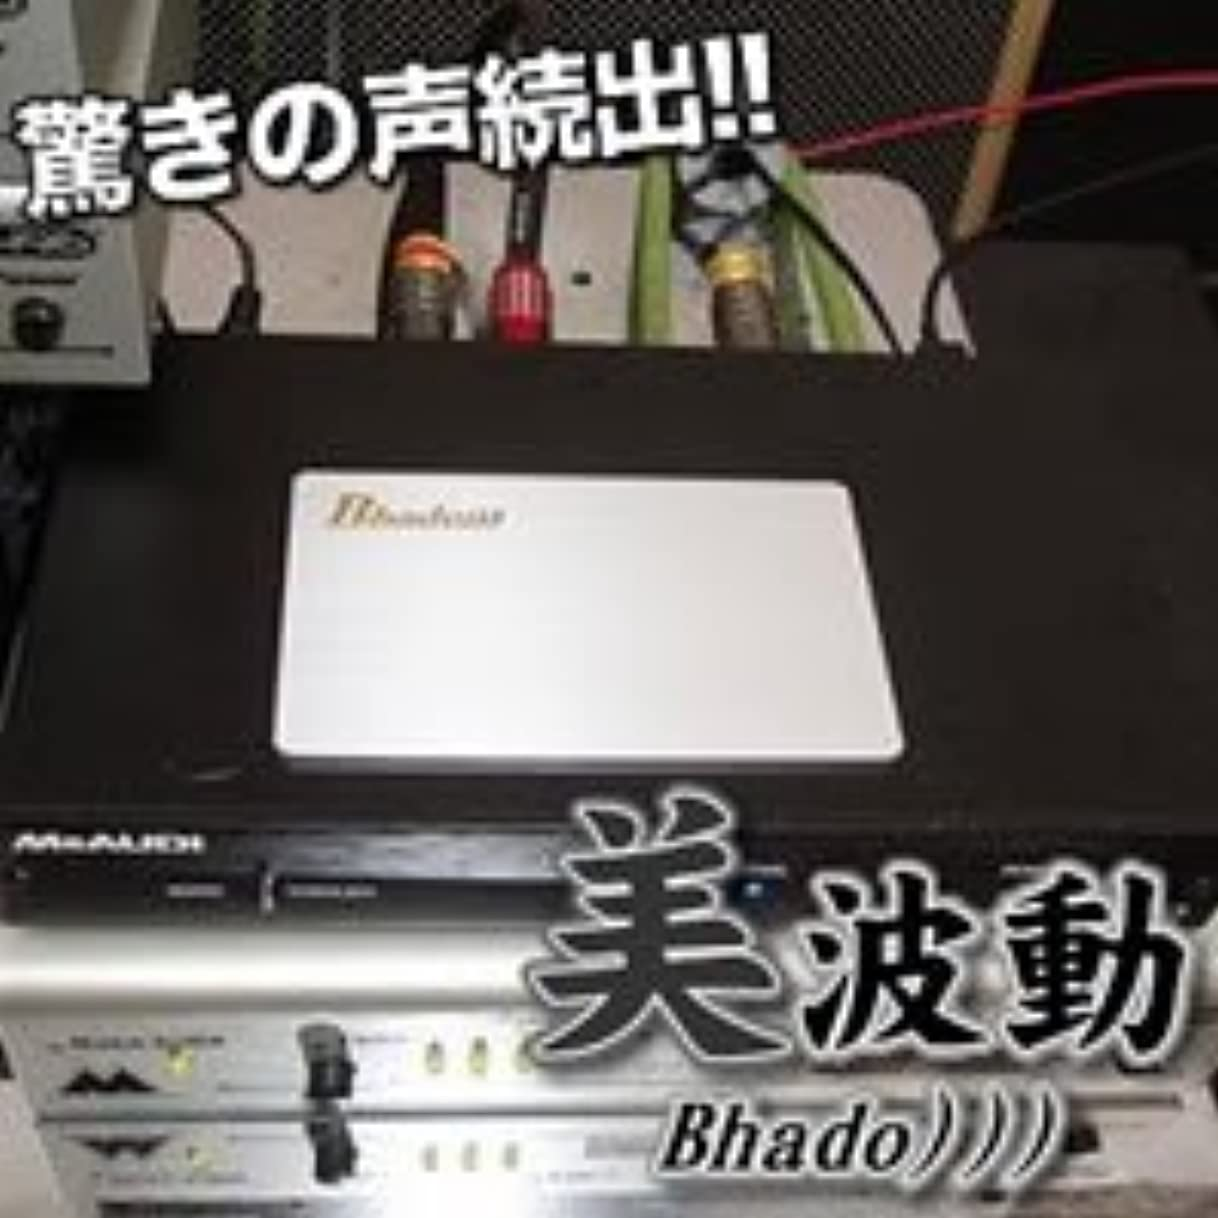 教科書懐疑的合理化Bhado)))(美波動)多機能